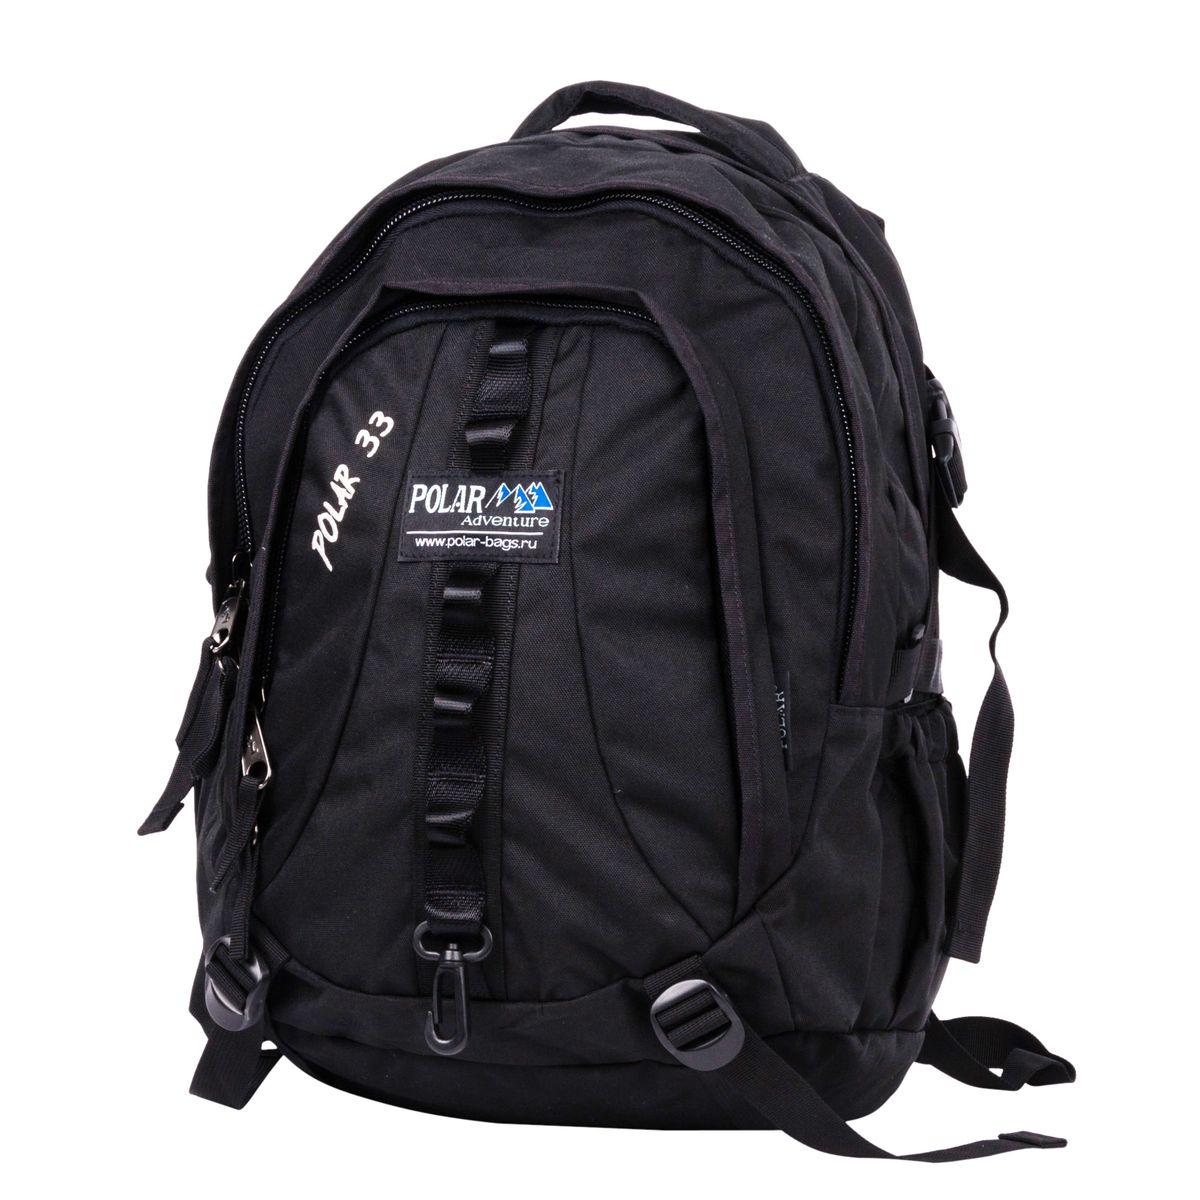 Рюкзак городской Polar, 27 л, цвет: черный. П1002-05D-252/7Небольшой, вместительный рюкзак фирмы Polar. Полностью вентилируемая спинка с системой Aircomfort, мягкие плечевые лямки создают дополнительный комфорт при ношении. Центральный отсек для персональных вещей и внутренним карманом для папки А4. Маленький карман для mp3, CD плеера. Выход под наушники. Большой передний карман с органайзером. Так же есть грудные стяжки, фиксирующие его удобное положение. Боковой карман из трикотажной сетки для бутылки с водой. Дождевик специальной формы на рюкзак, защищает его от намокания в дождливую погоду.